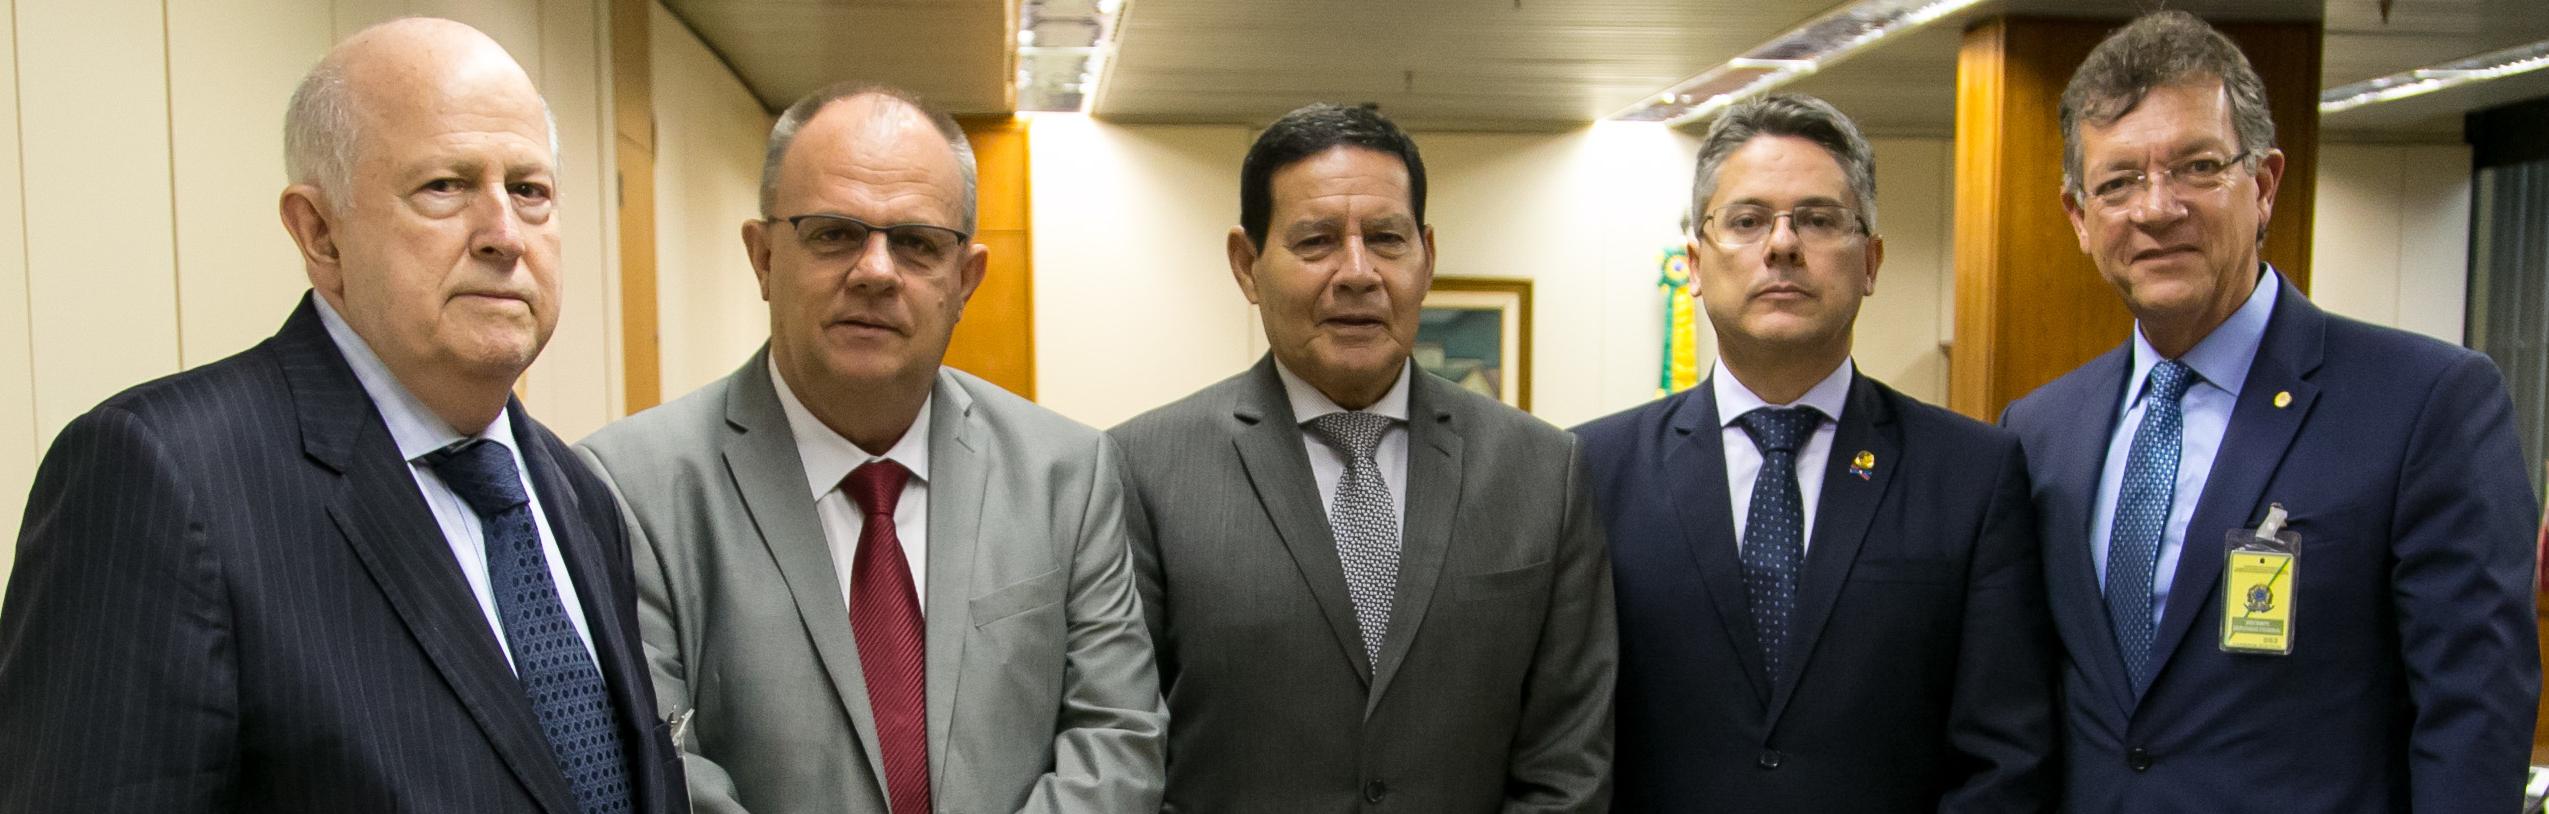 Laércio, Mourão e Cia.jpg